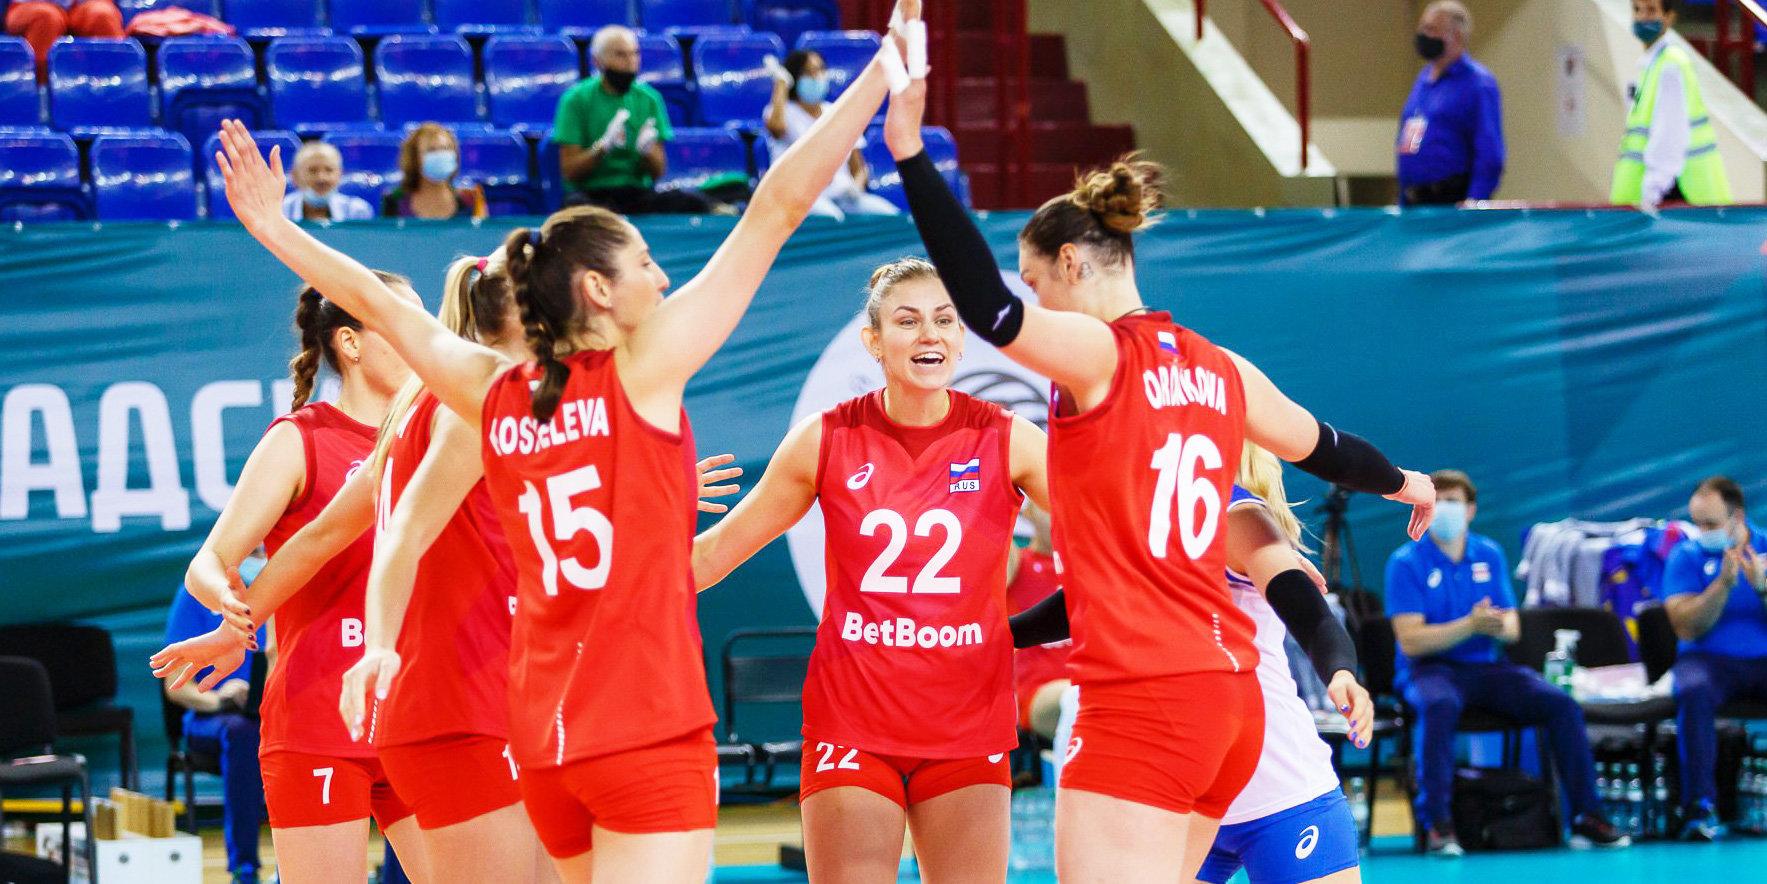 Калининградский «Локомотив» переиграл «Енисей», «Тулица» победила «Спарту» в женской Суперлиге